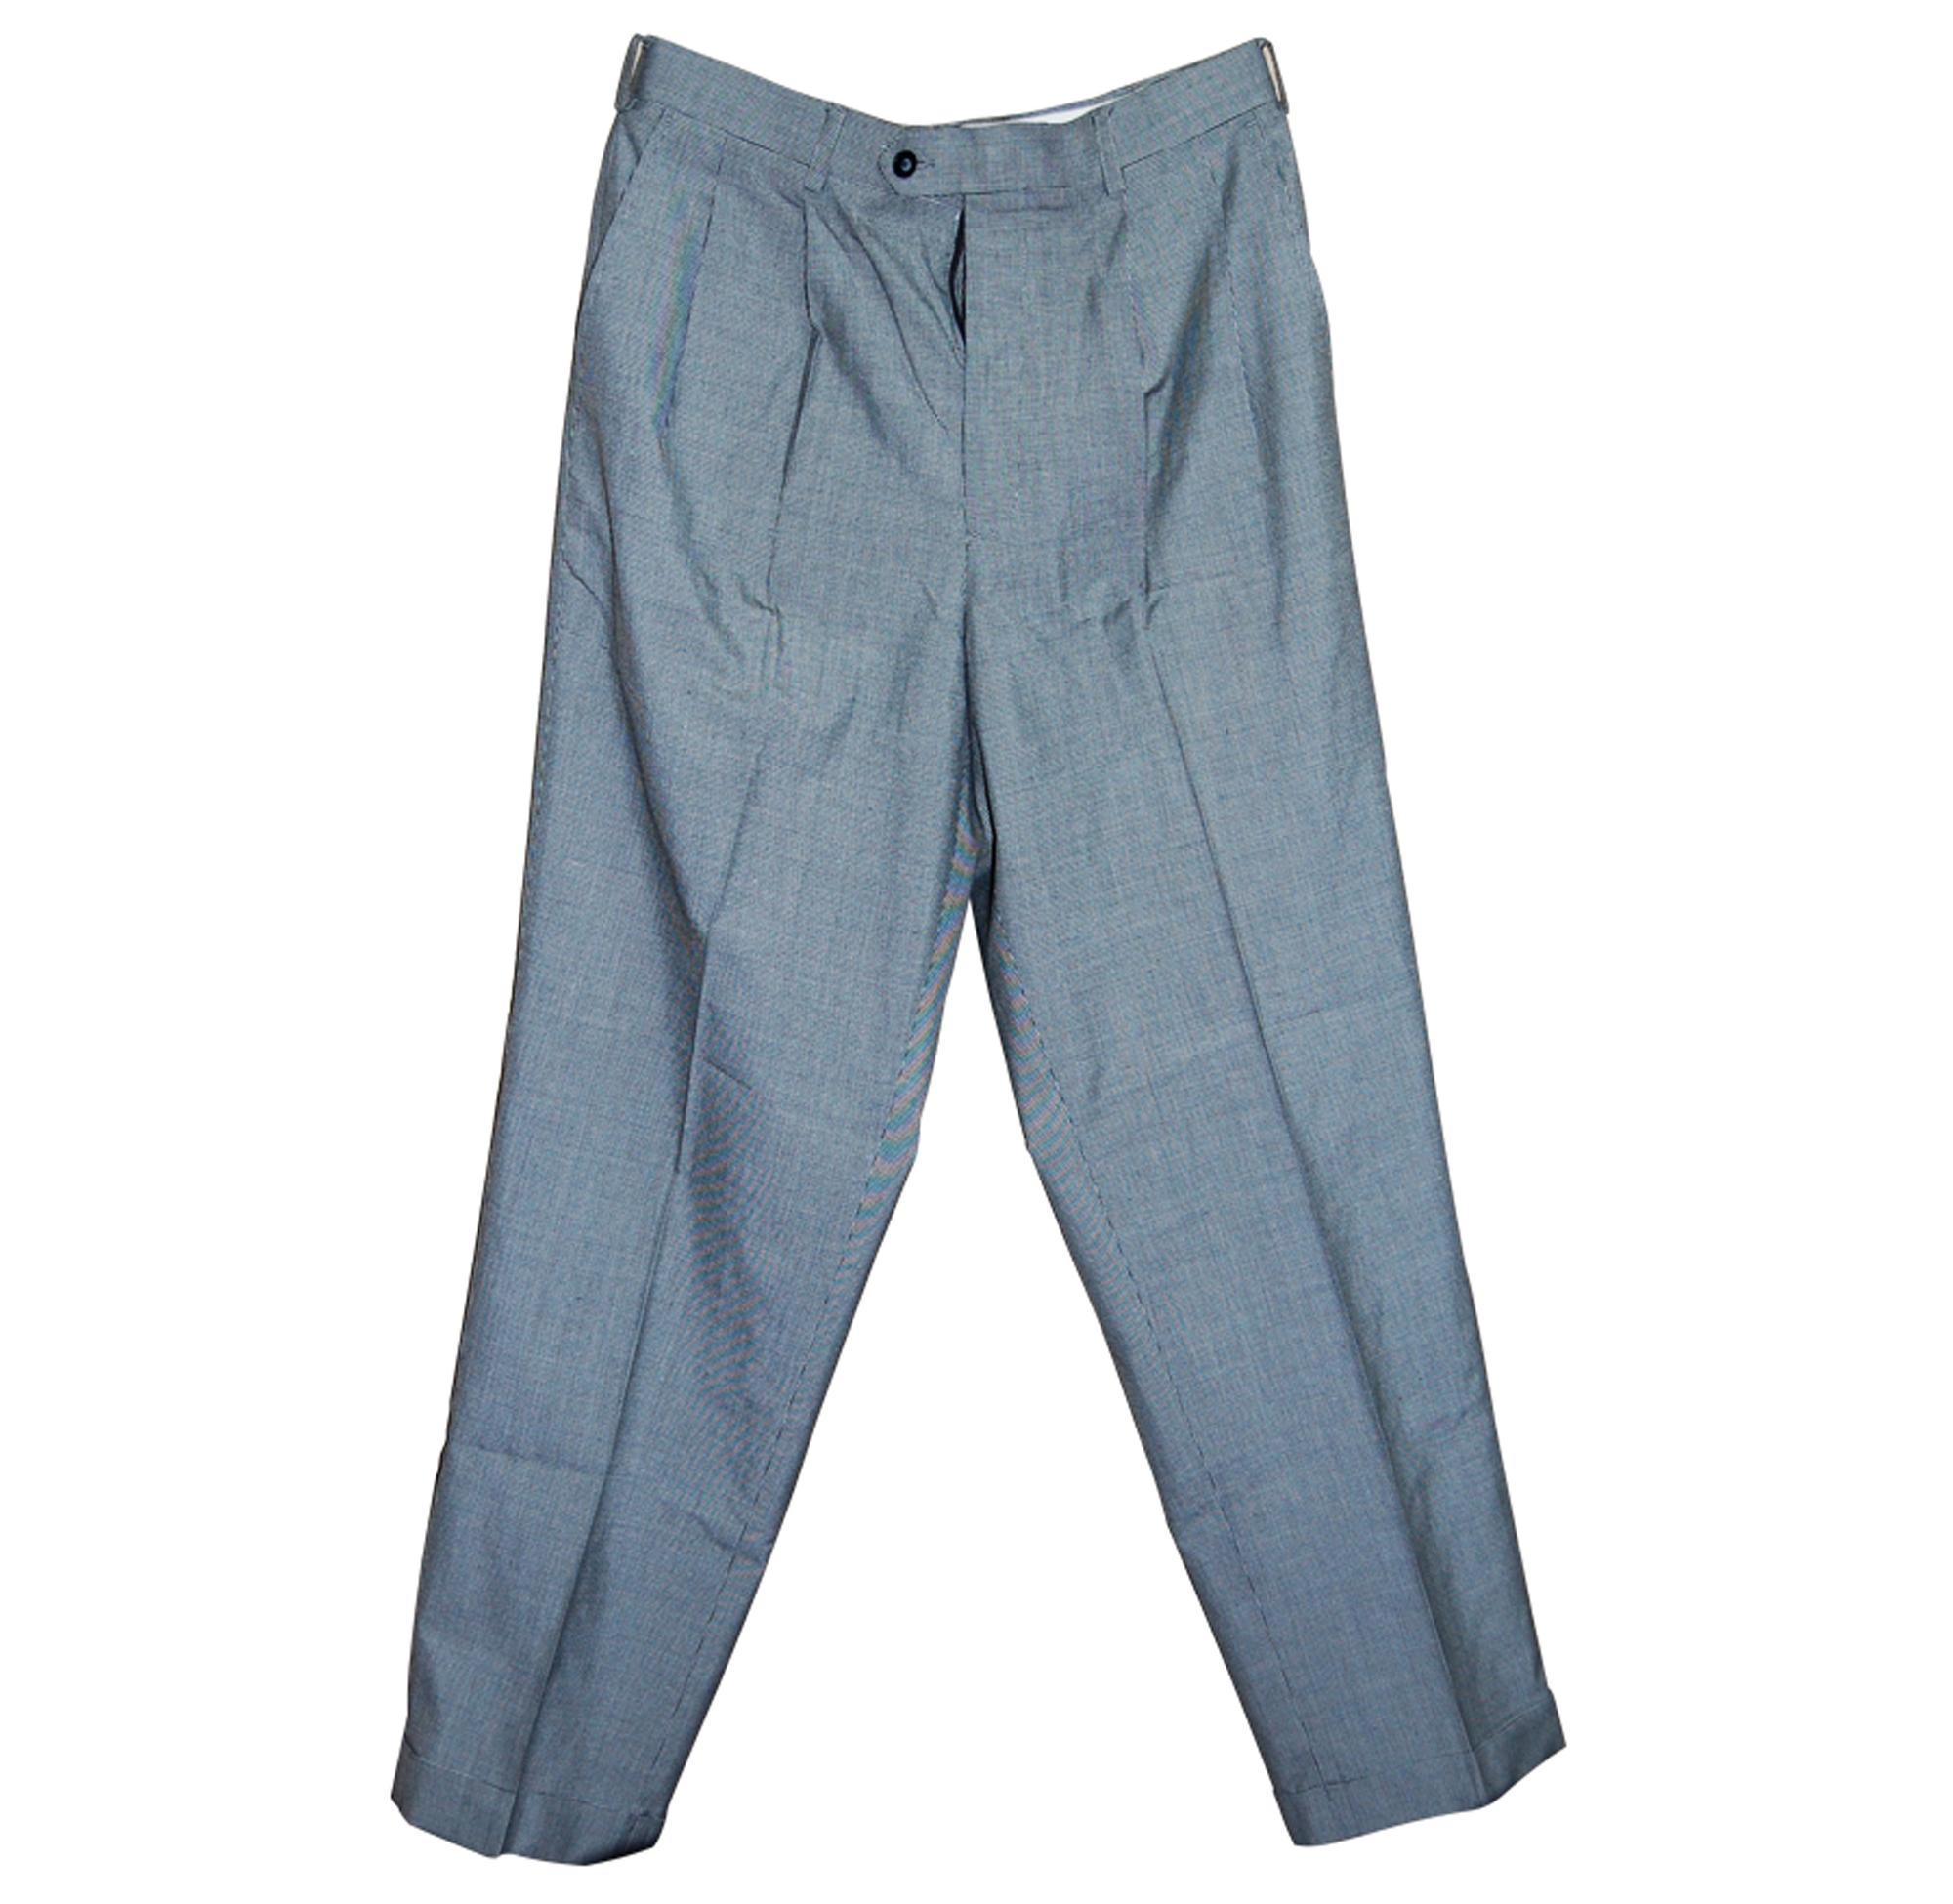 Pantalón Hombre Gris Tall